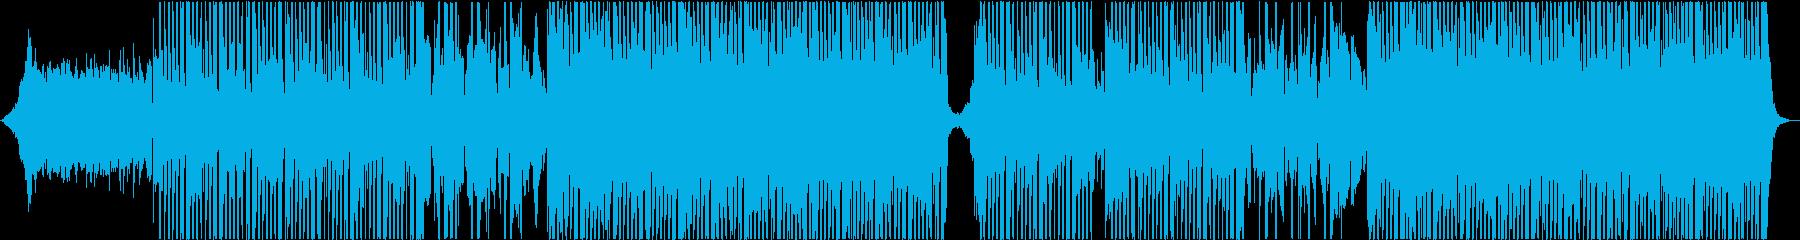 疾走感のあるテクポップ、シンセウェーブ♬の再生済みの波形